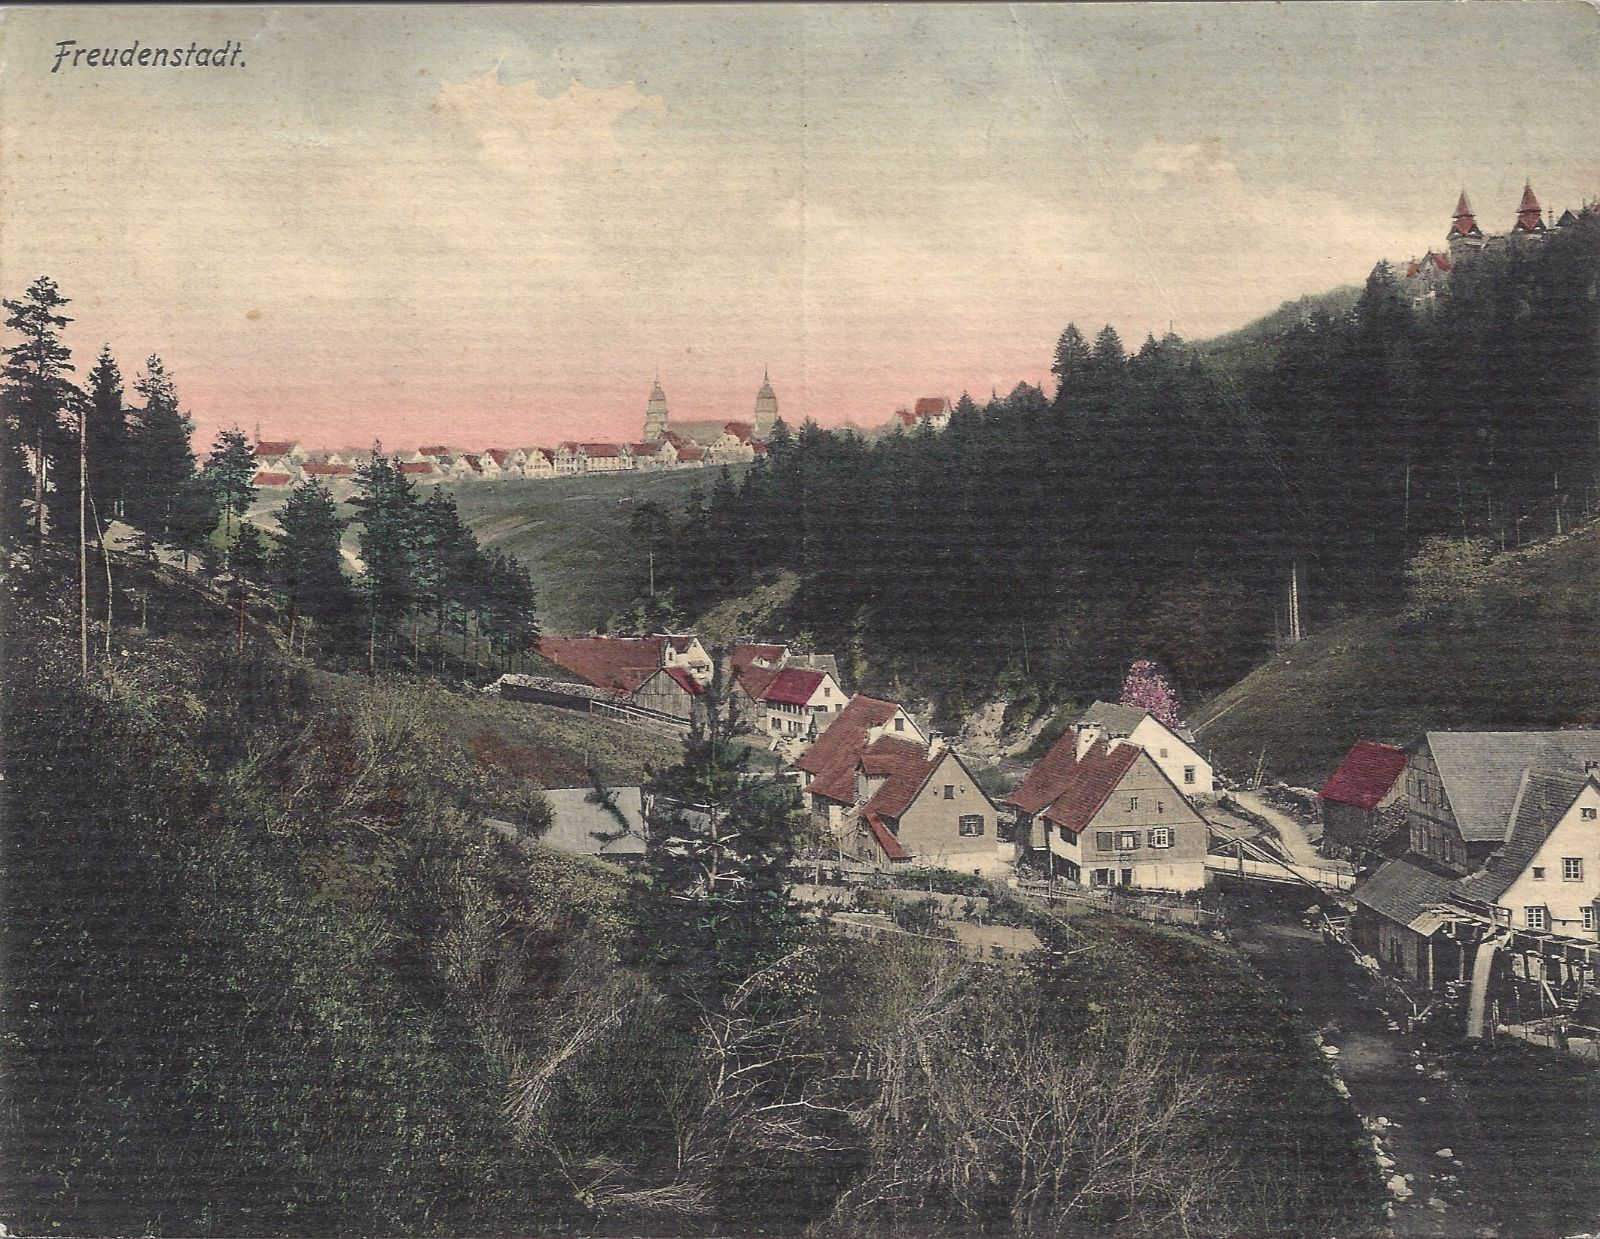 Ansicht auf Freudenstadt